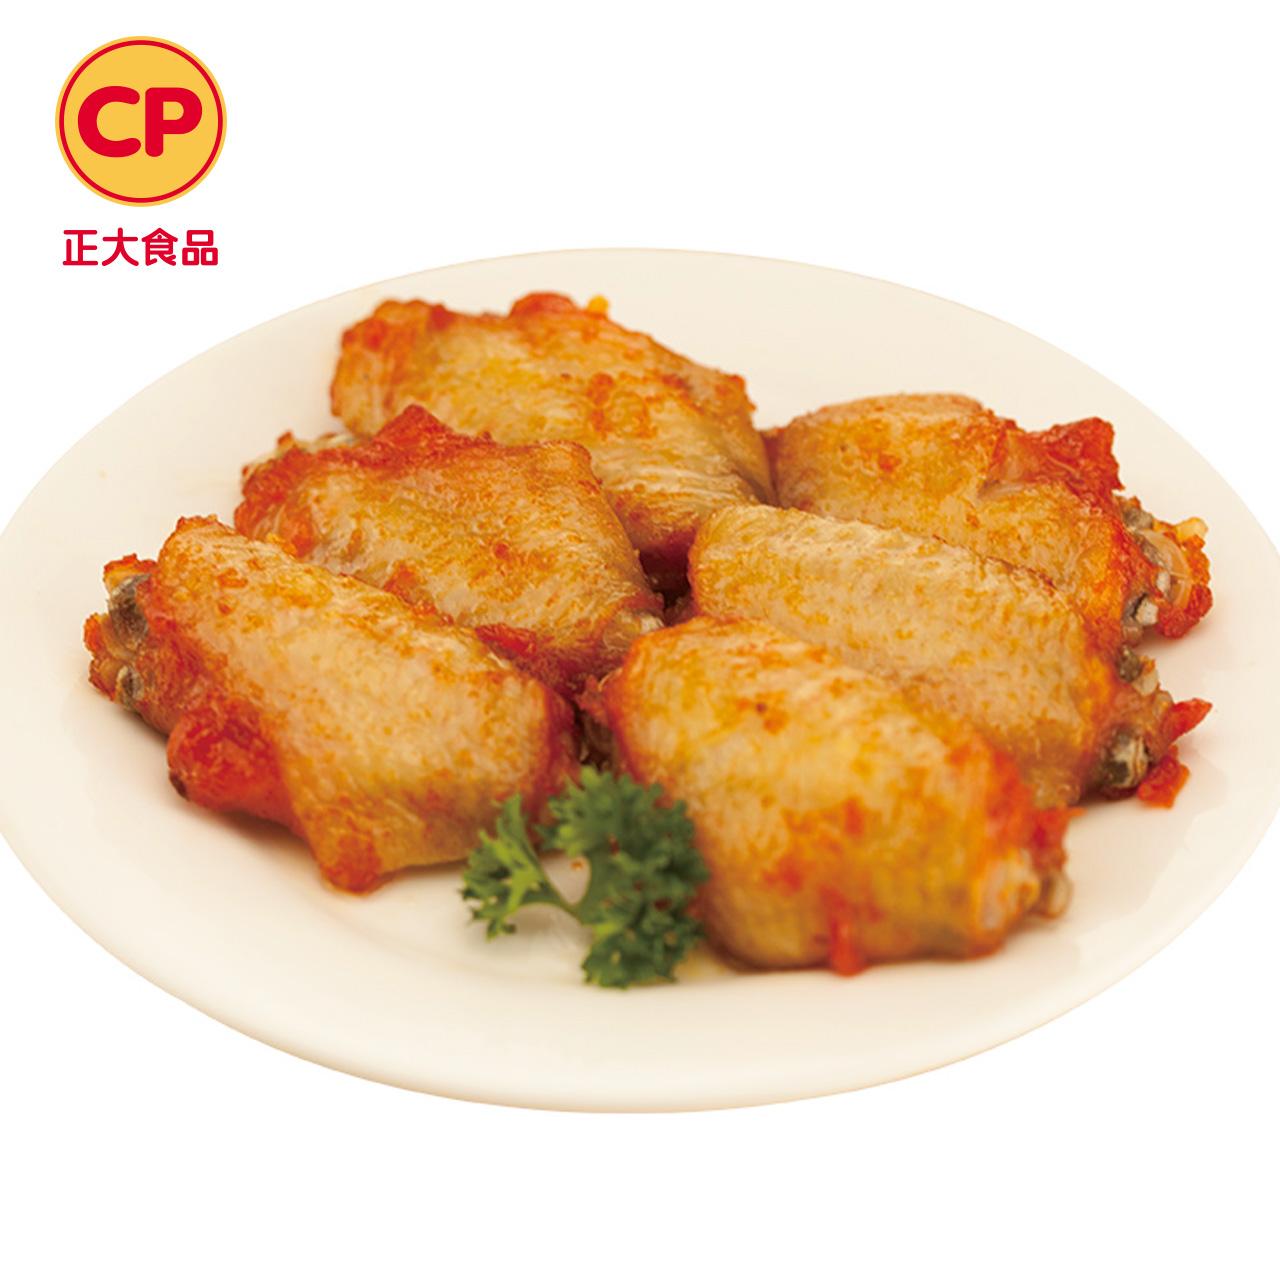 正大食品(CP)速冻纽奥翅中 1000g/袋 全新配方烤翅 烧烤食材